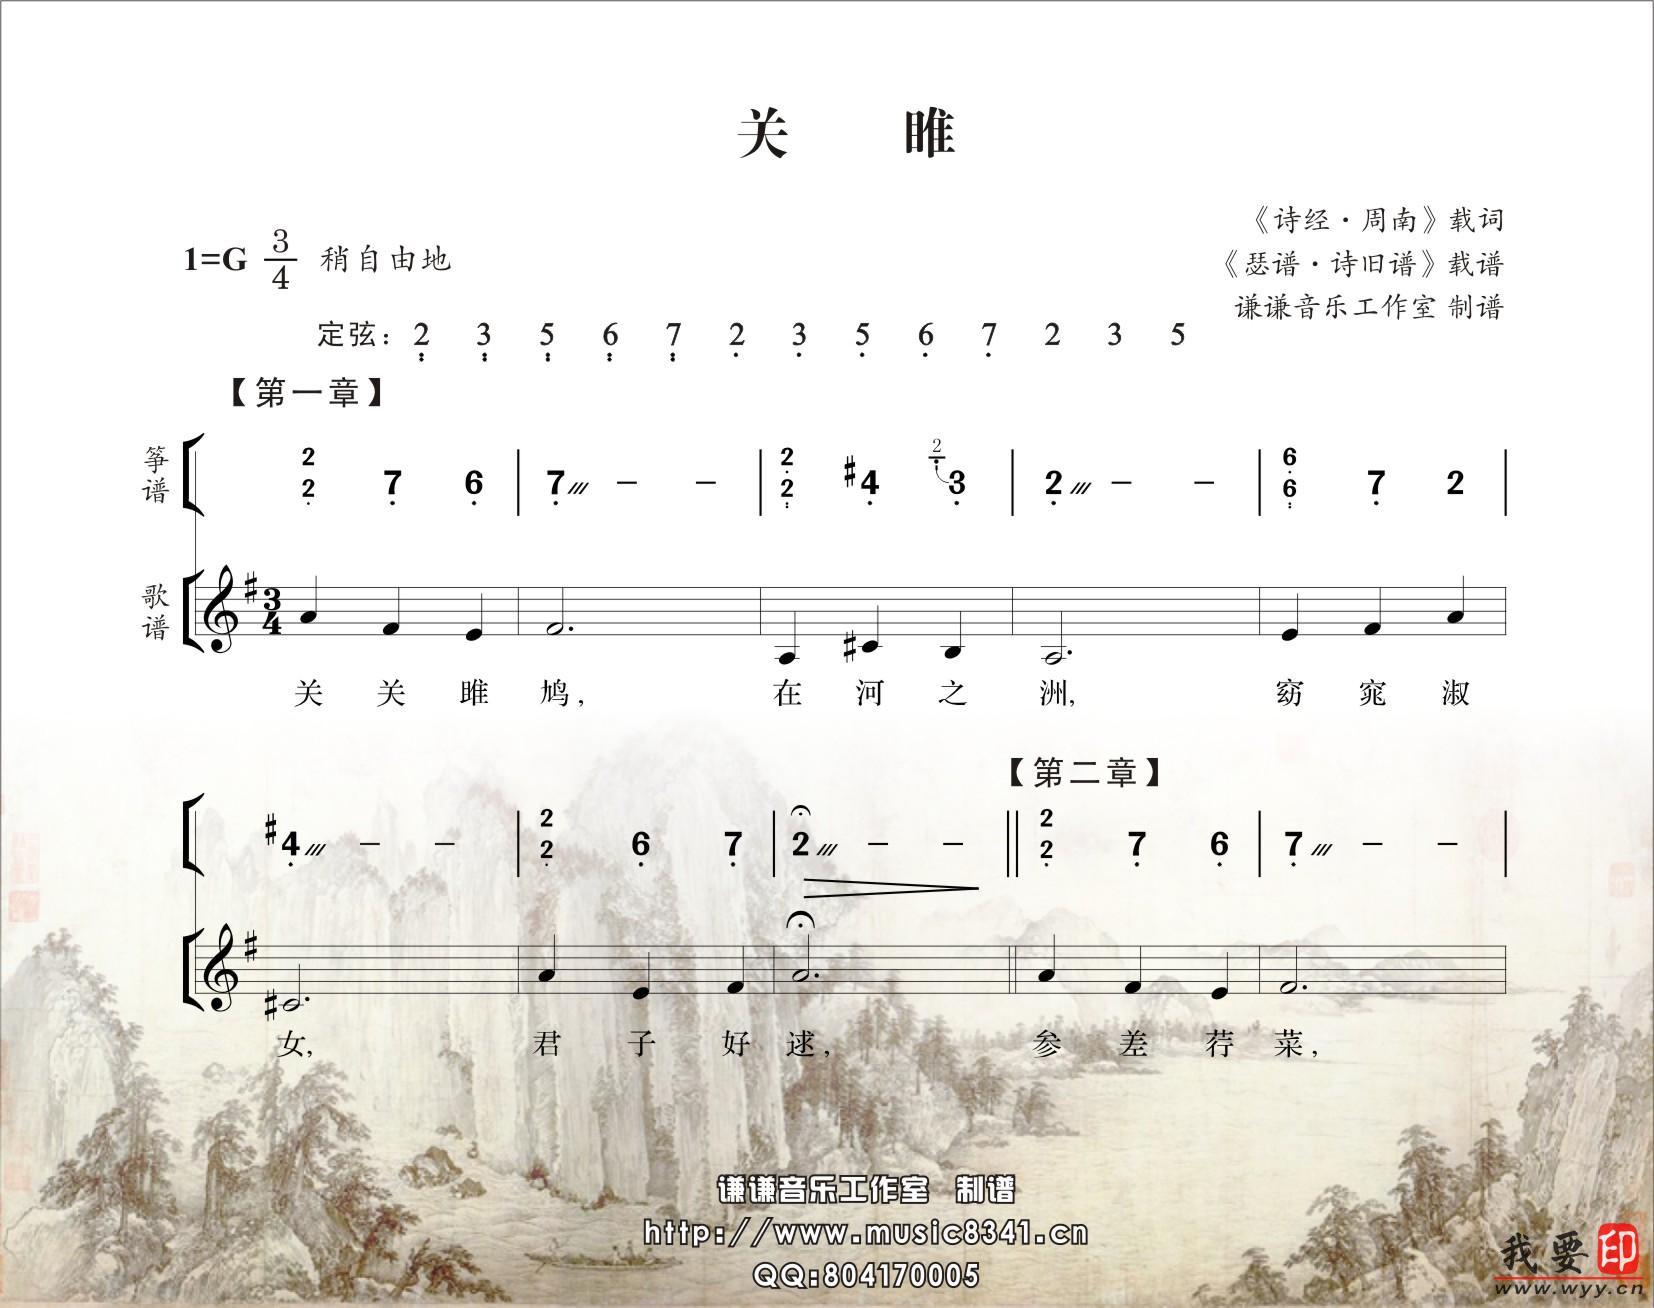 抒情萨克斯纯音乐歌谱